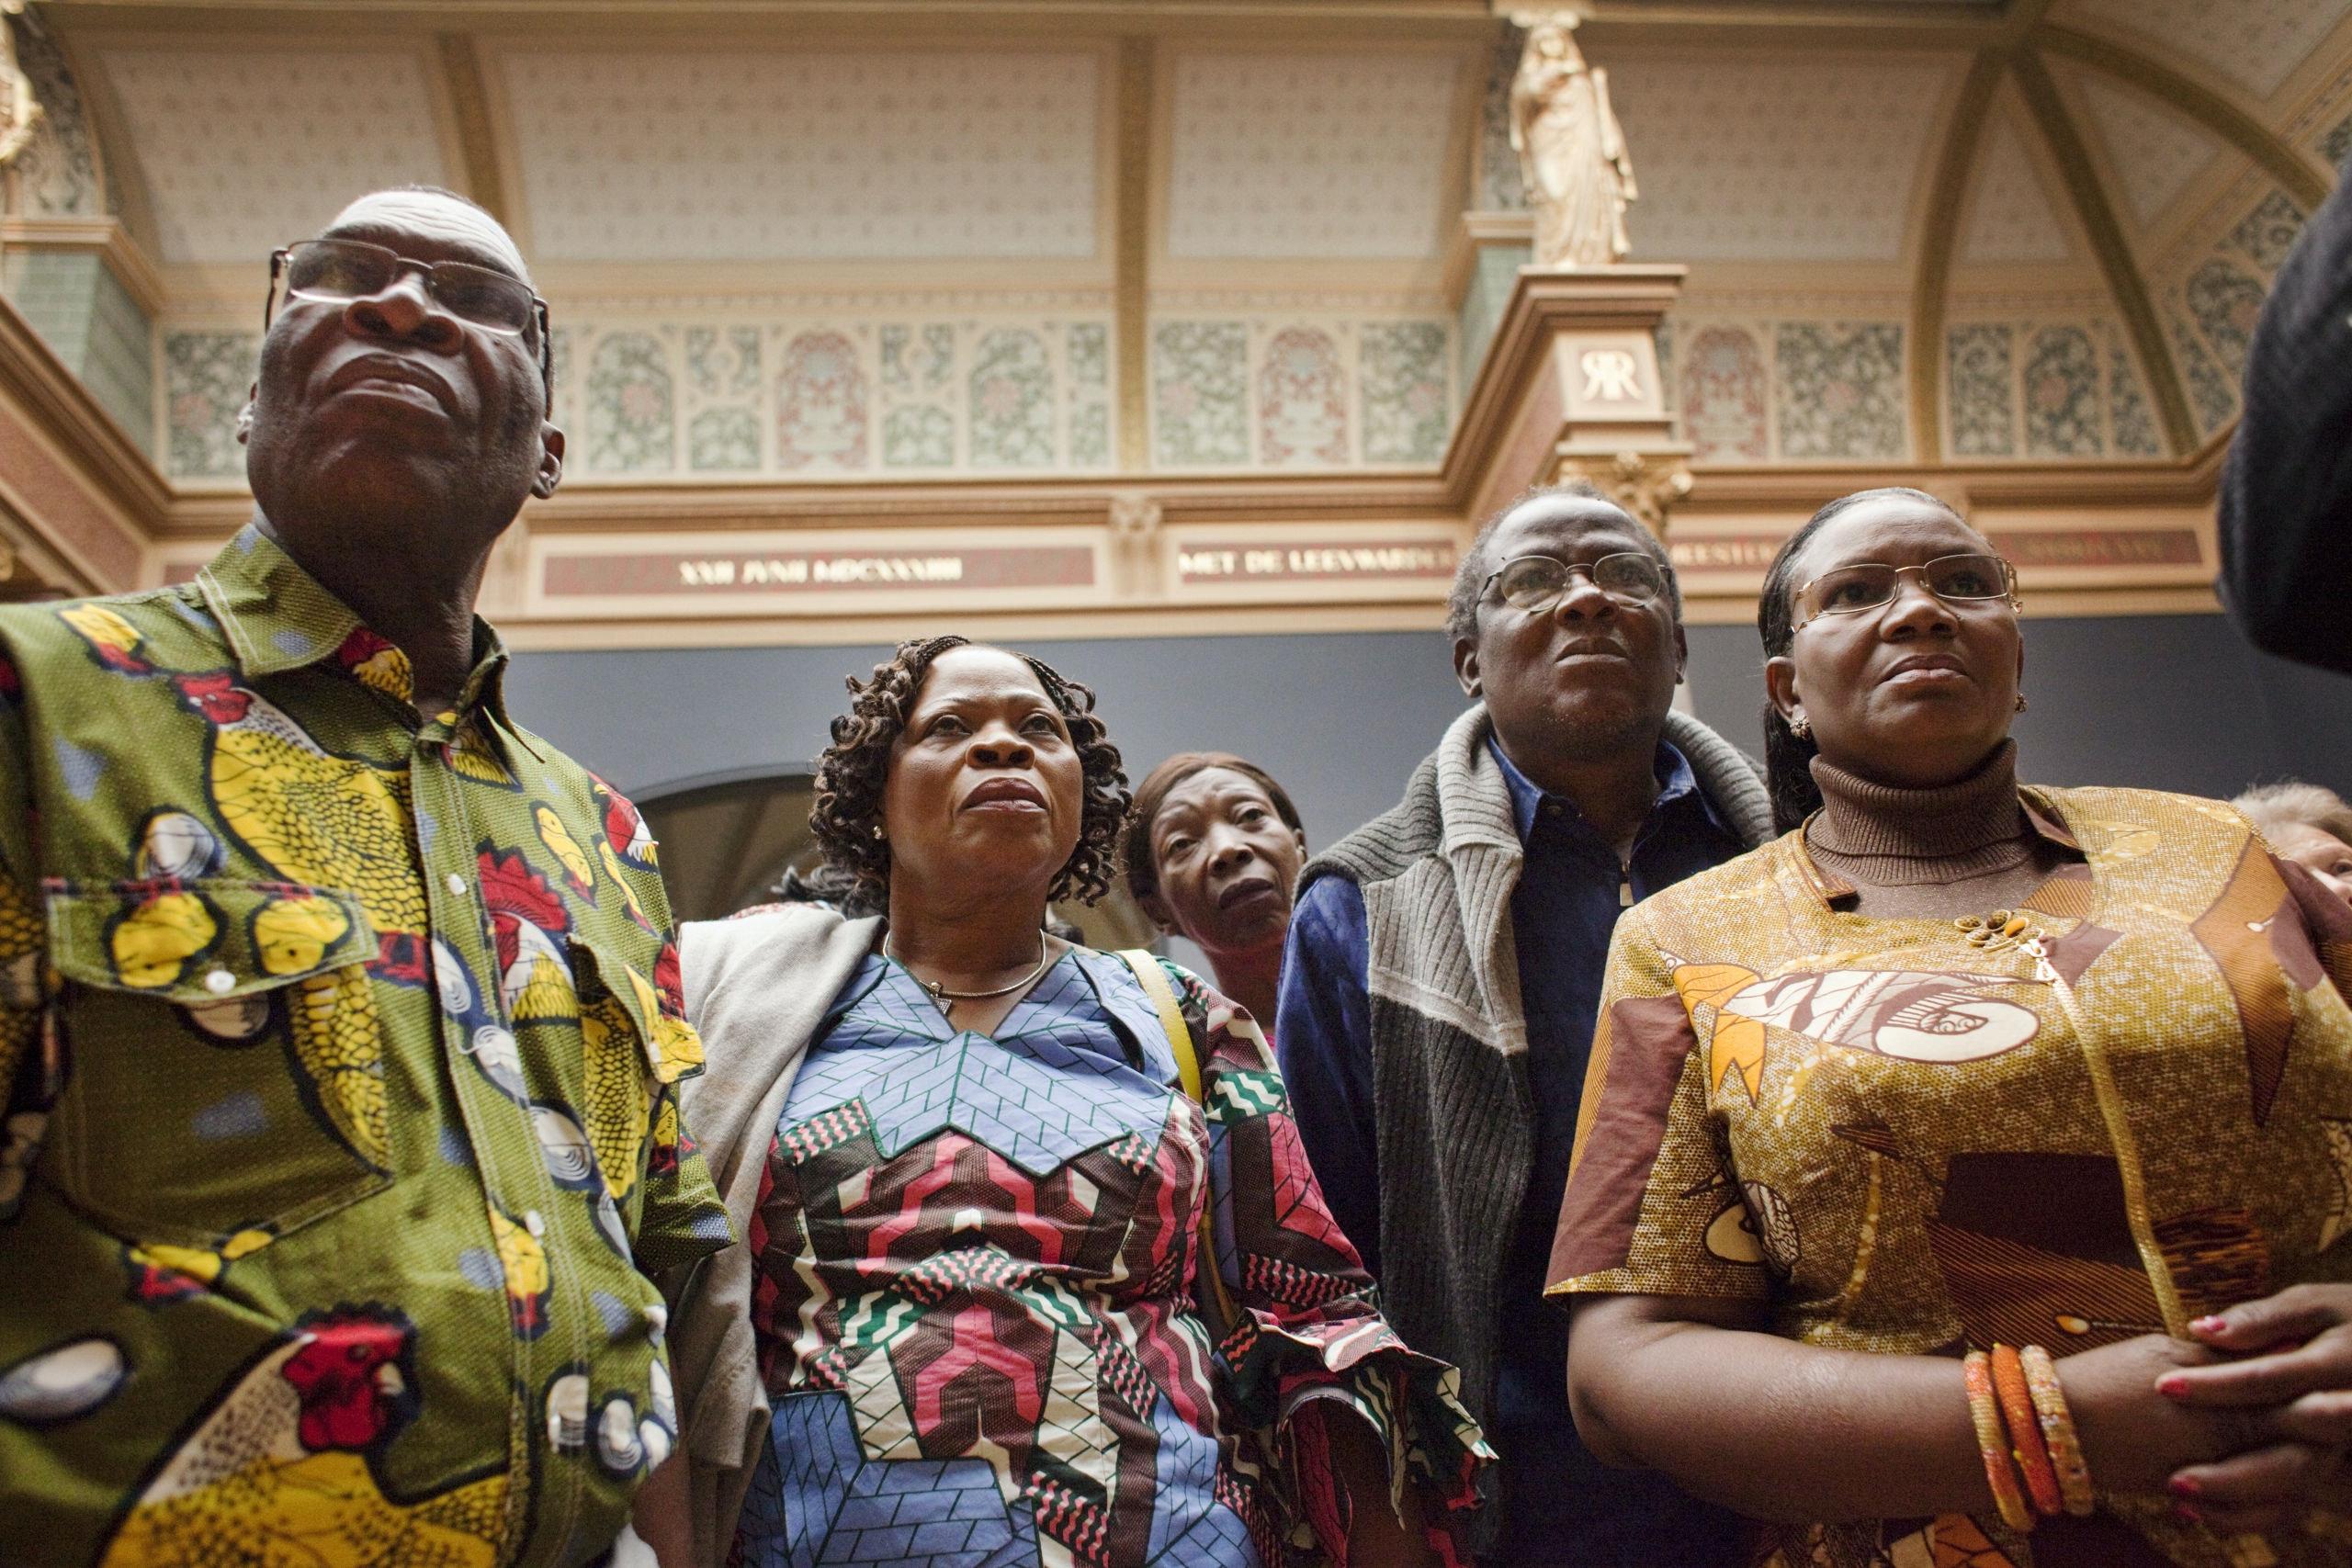 Nederland, Amsterdam, 20-08-2013. Foto: Rob Huibers. Een groep vrouwen uit  zeven Afrikaanse landen met leidende posities in o.m. bedrijfsleven, onderwijs en non-profit sector (NGO) brengt momenteel een cultureel bezoek aan Nederland op uitnodiging van textiel en modebedrijf Vlisco. De vrouwen uit Nigeria, Ivoorkust, Ghana, DR Congo, Benin, Niger en Togo zijn door tijdens een verkiezing in hun geboortelanden door het publiek als rolvoorbeelden aangewezen en hebben als beloning deze reis aangeboden gekregen. De vrouwen, soms vergezeld van hun mannen, bezoeken deze dagen o.a. het Rijksmuseum , het Muiderslot en Kinderdijk. Hier kijken ze naar Rembrandts schilderij De Nachtwacht in het Rijksmuseum.  Naamsvermelding verplicht: Rob Huibers/Hollandse Hoogte of Rob Huibers/HH.